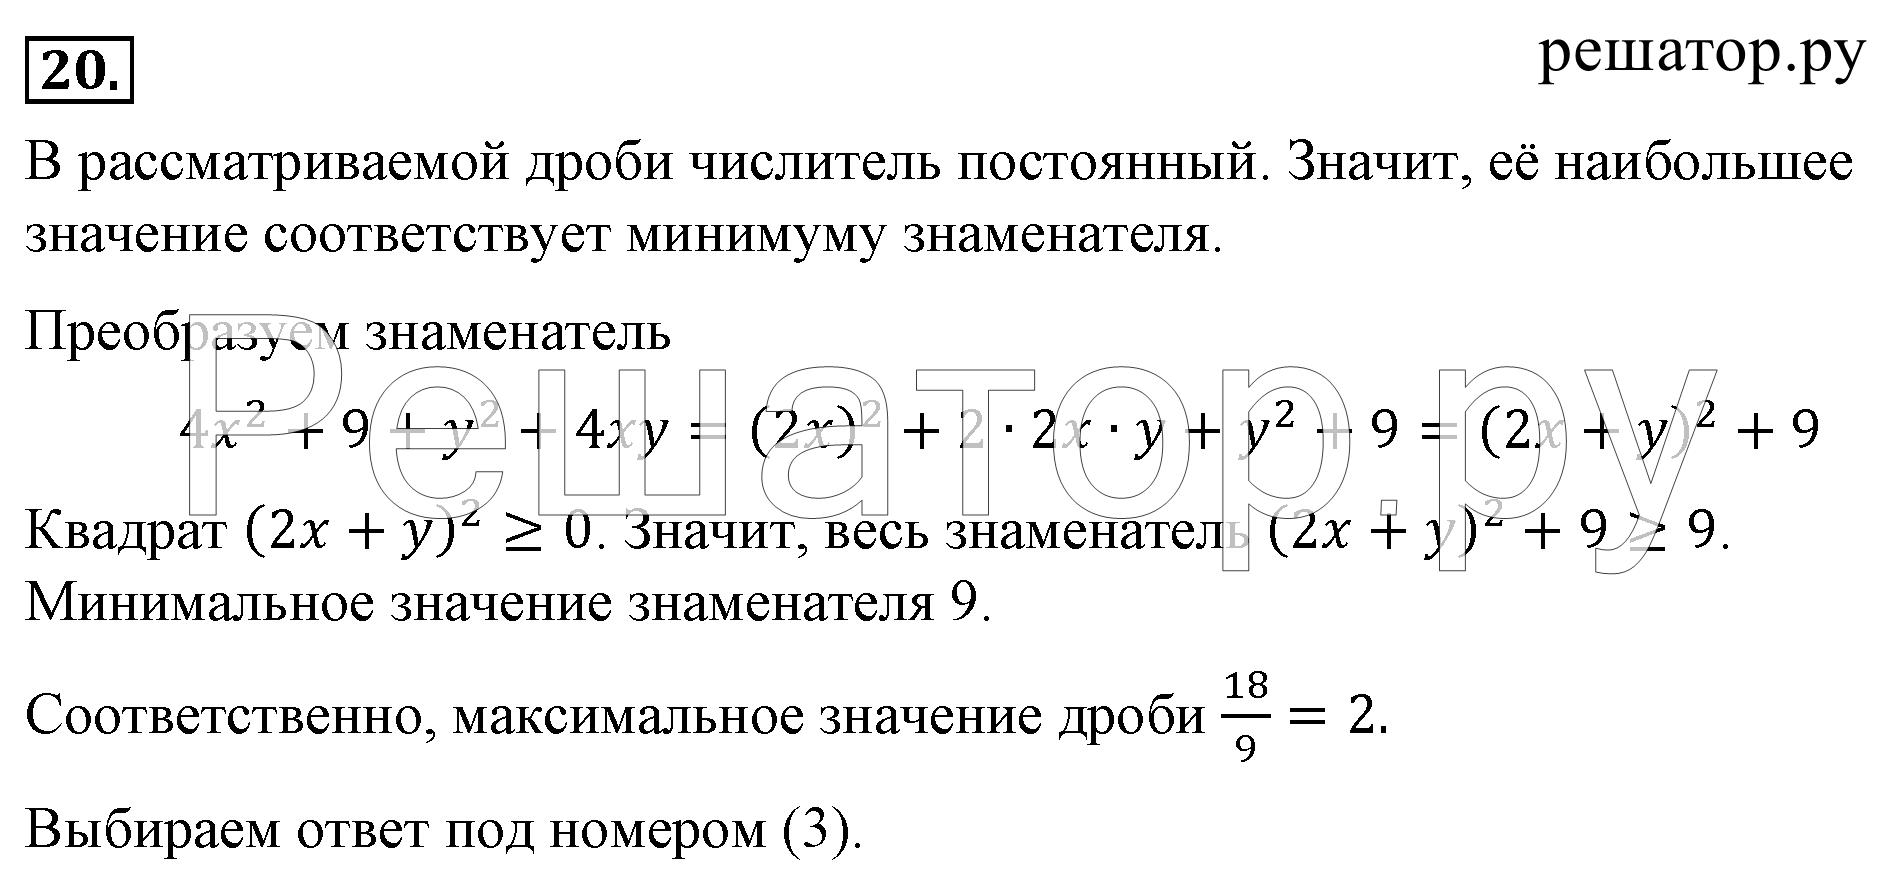 Алгебра 8 класс макаревич решебник